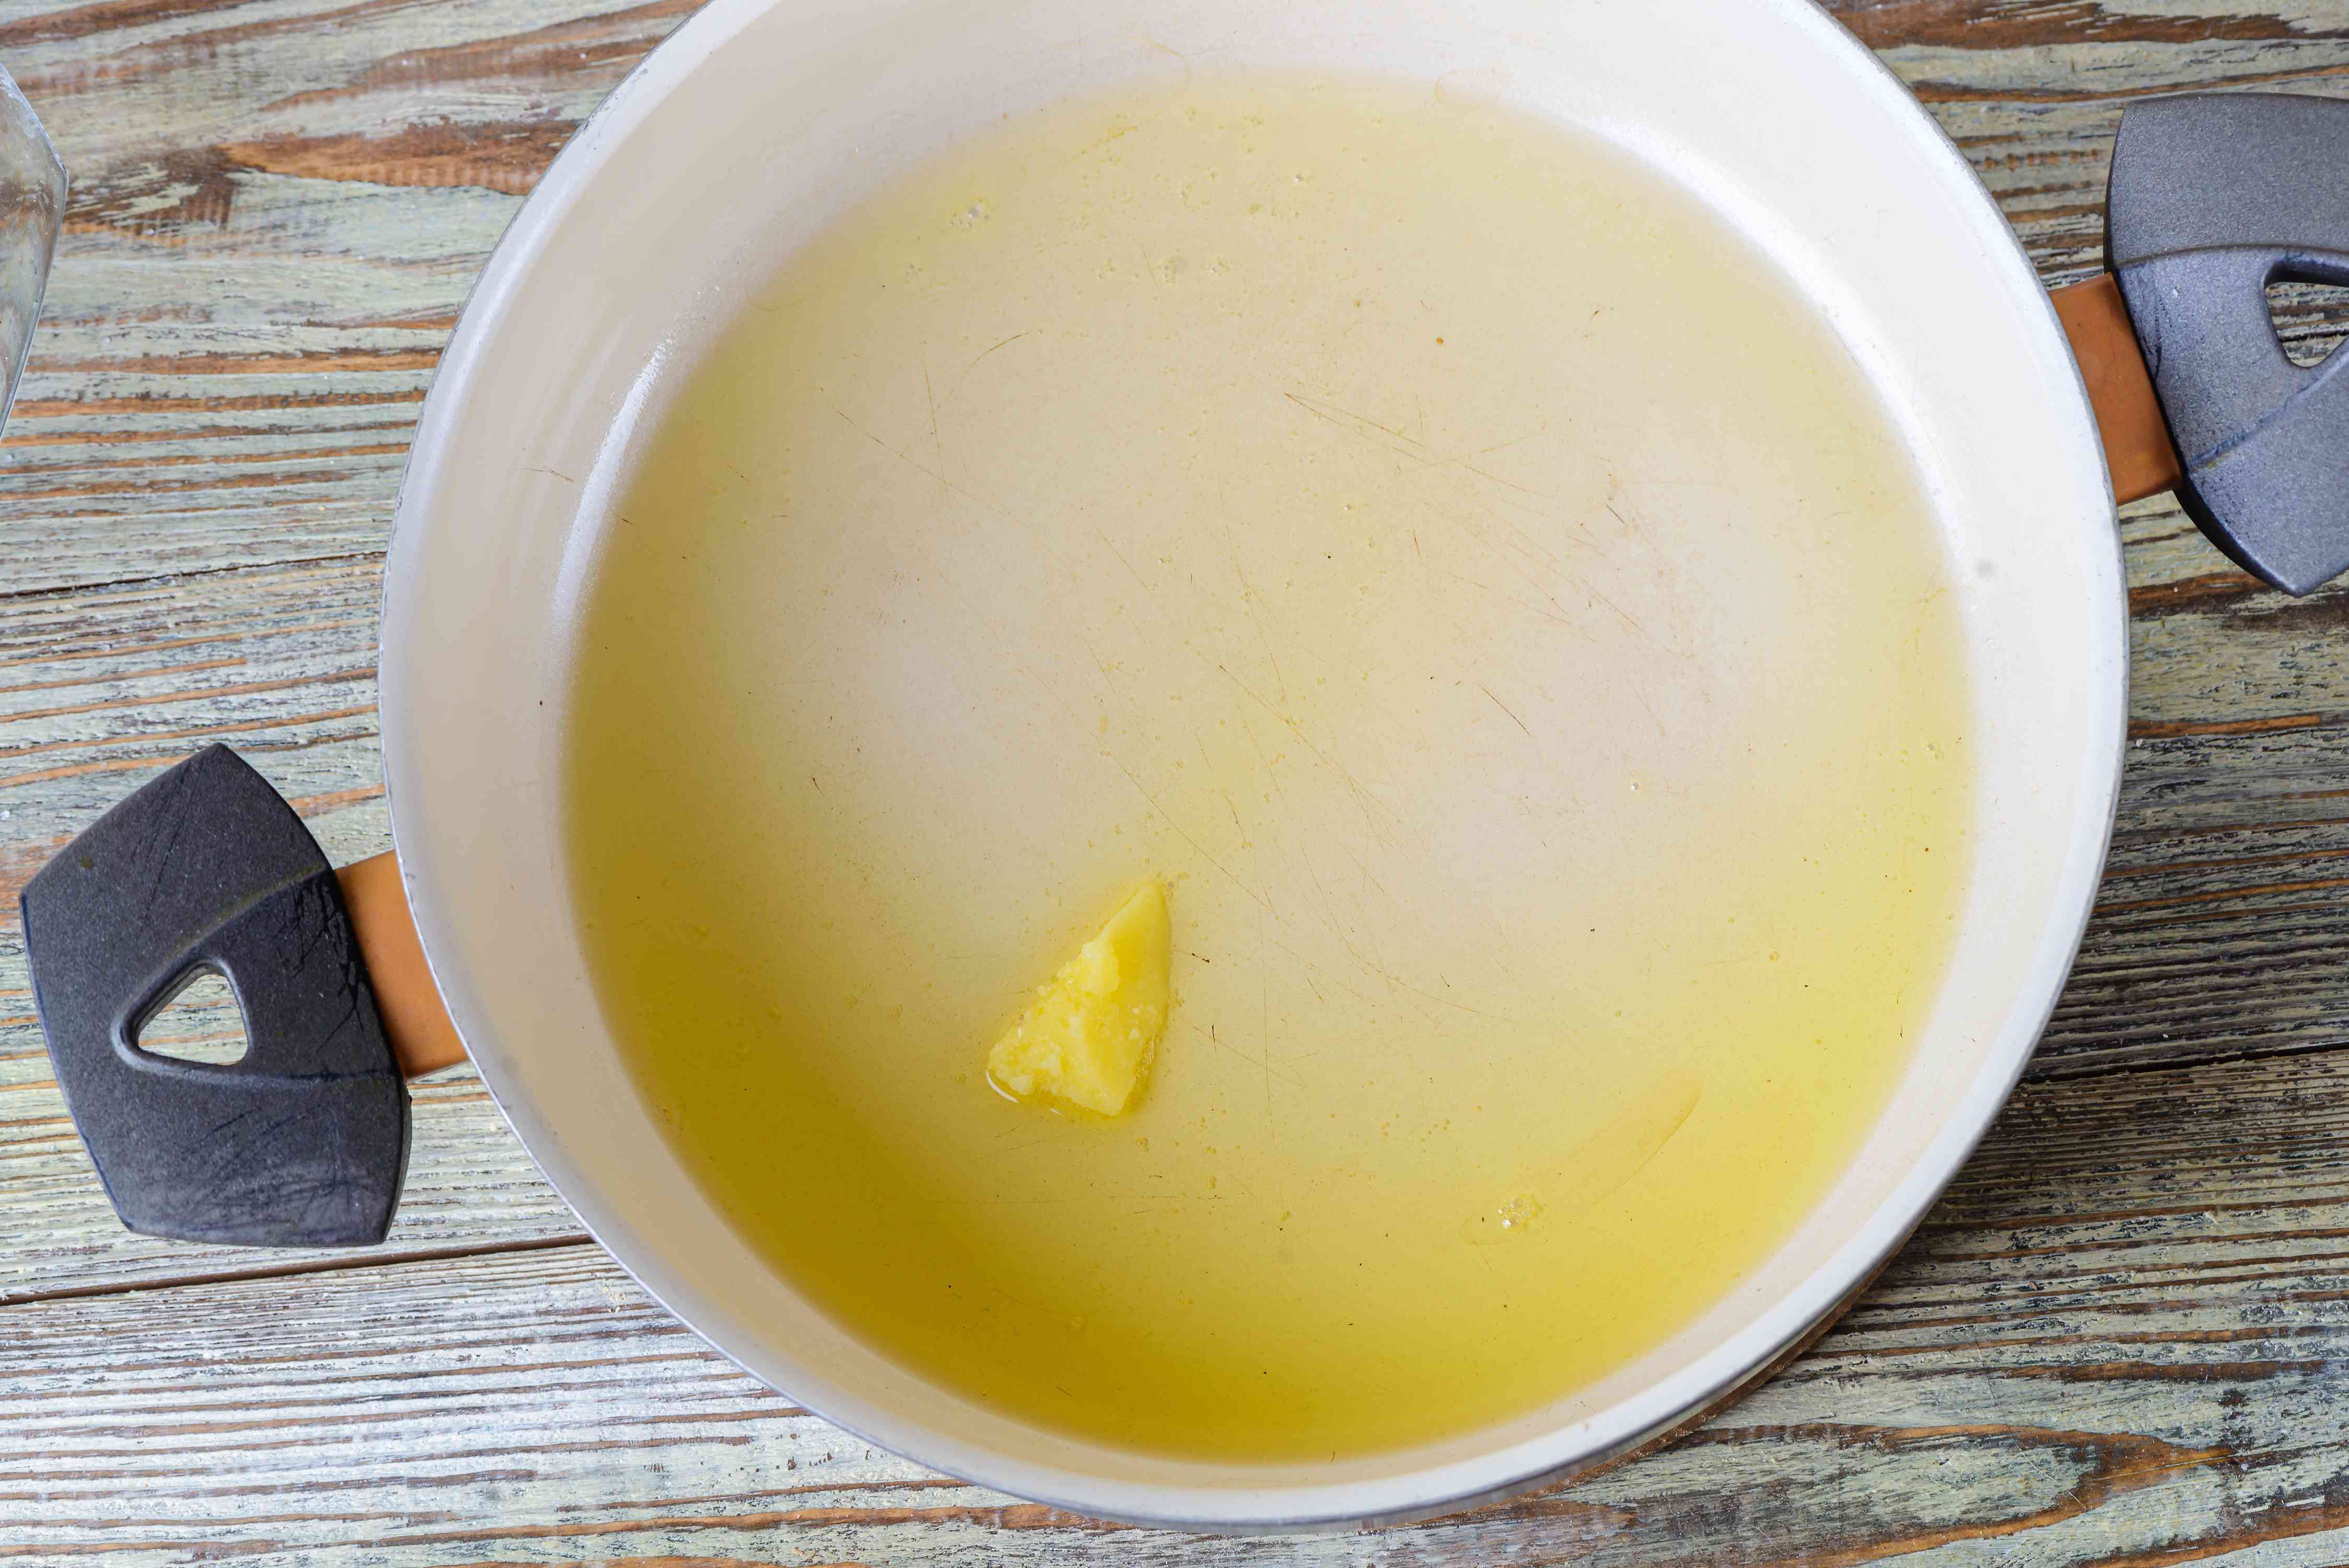 Heat clarified butter